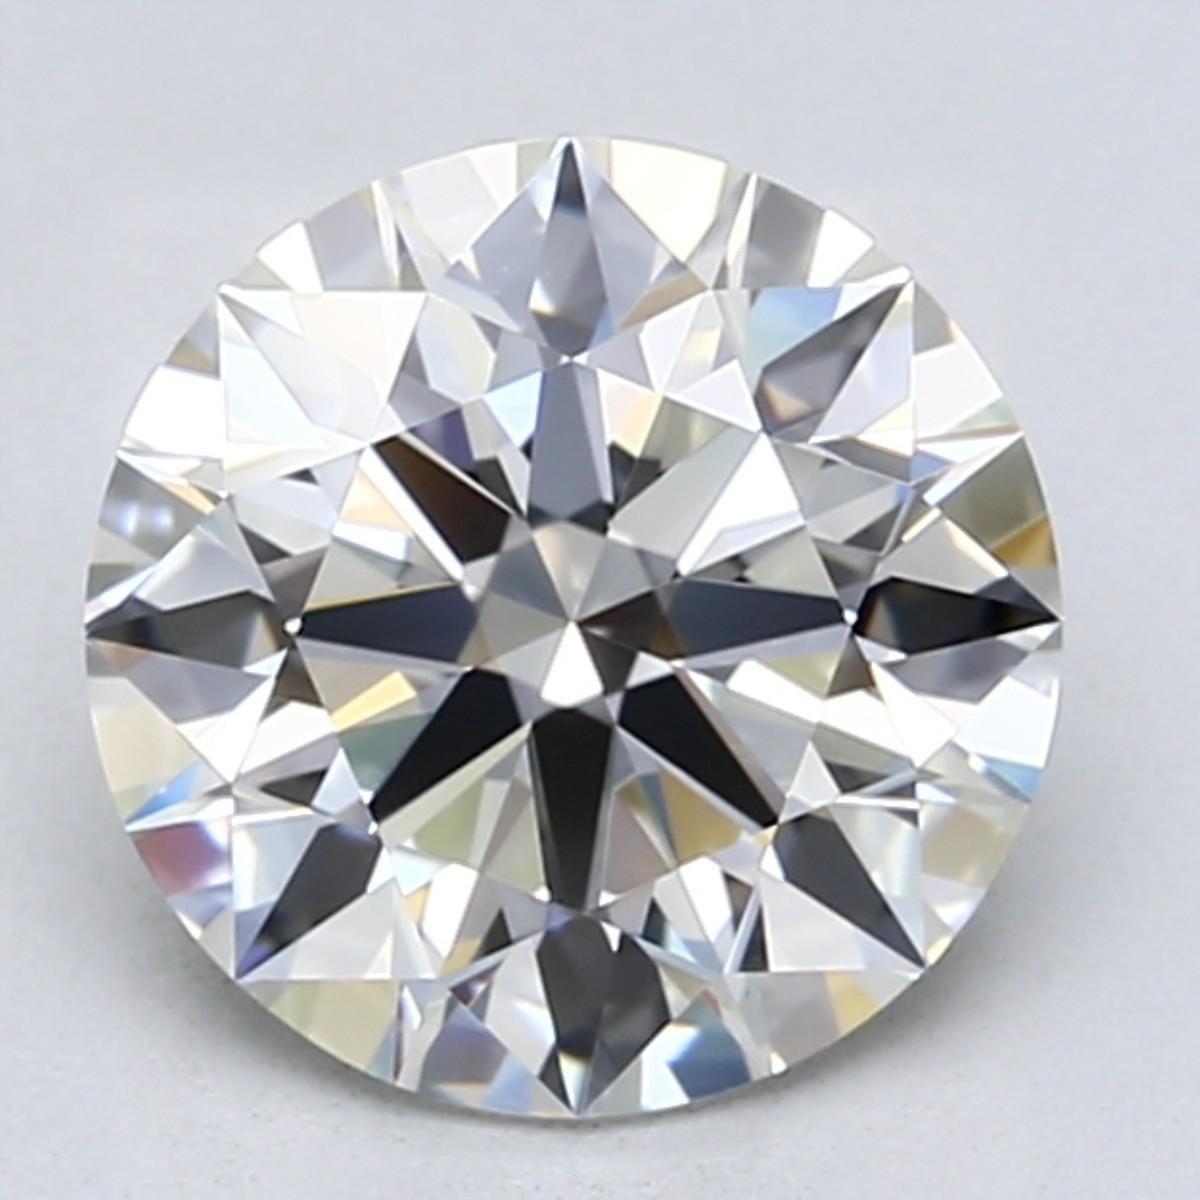 2.5 carat I color diamond